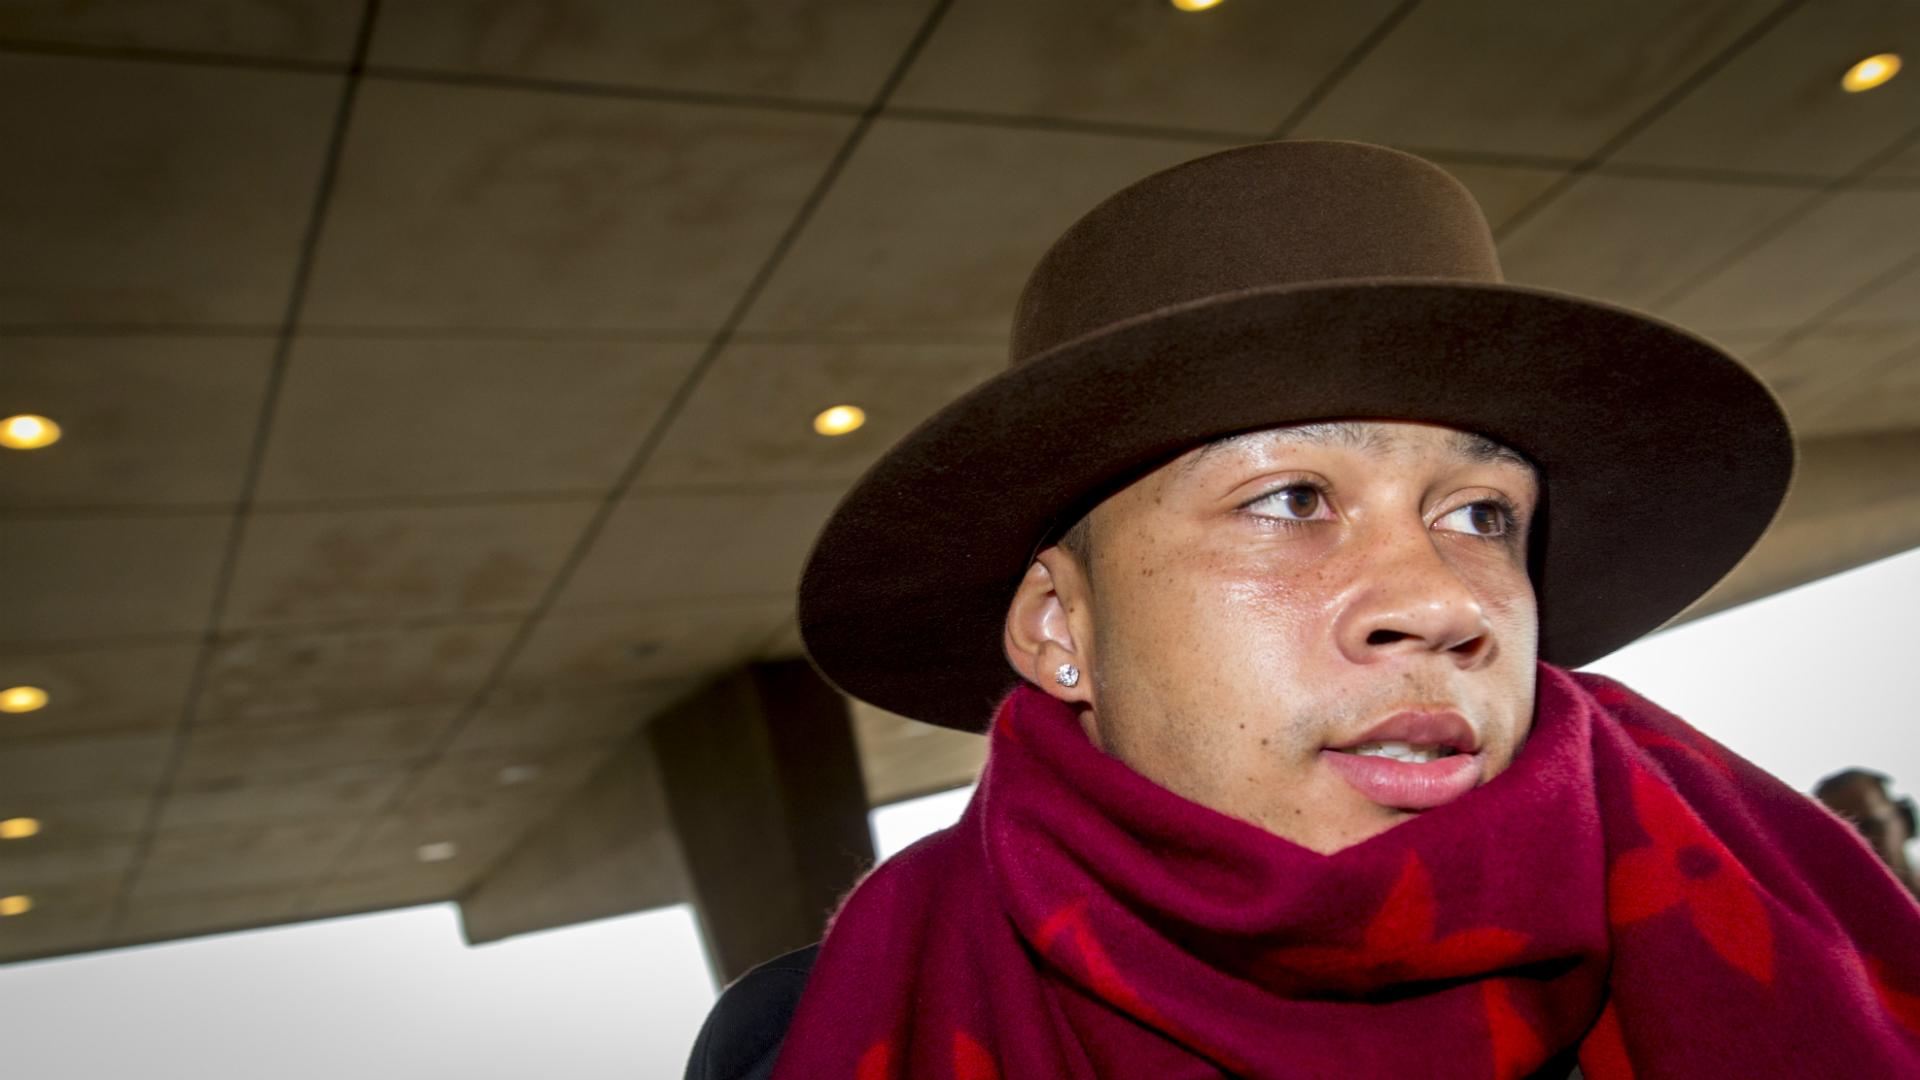 Ко Адриансе: Депай прибыл на сбор в костюме перуанского флейтиста